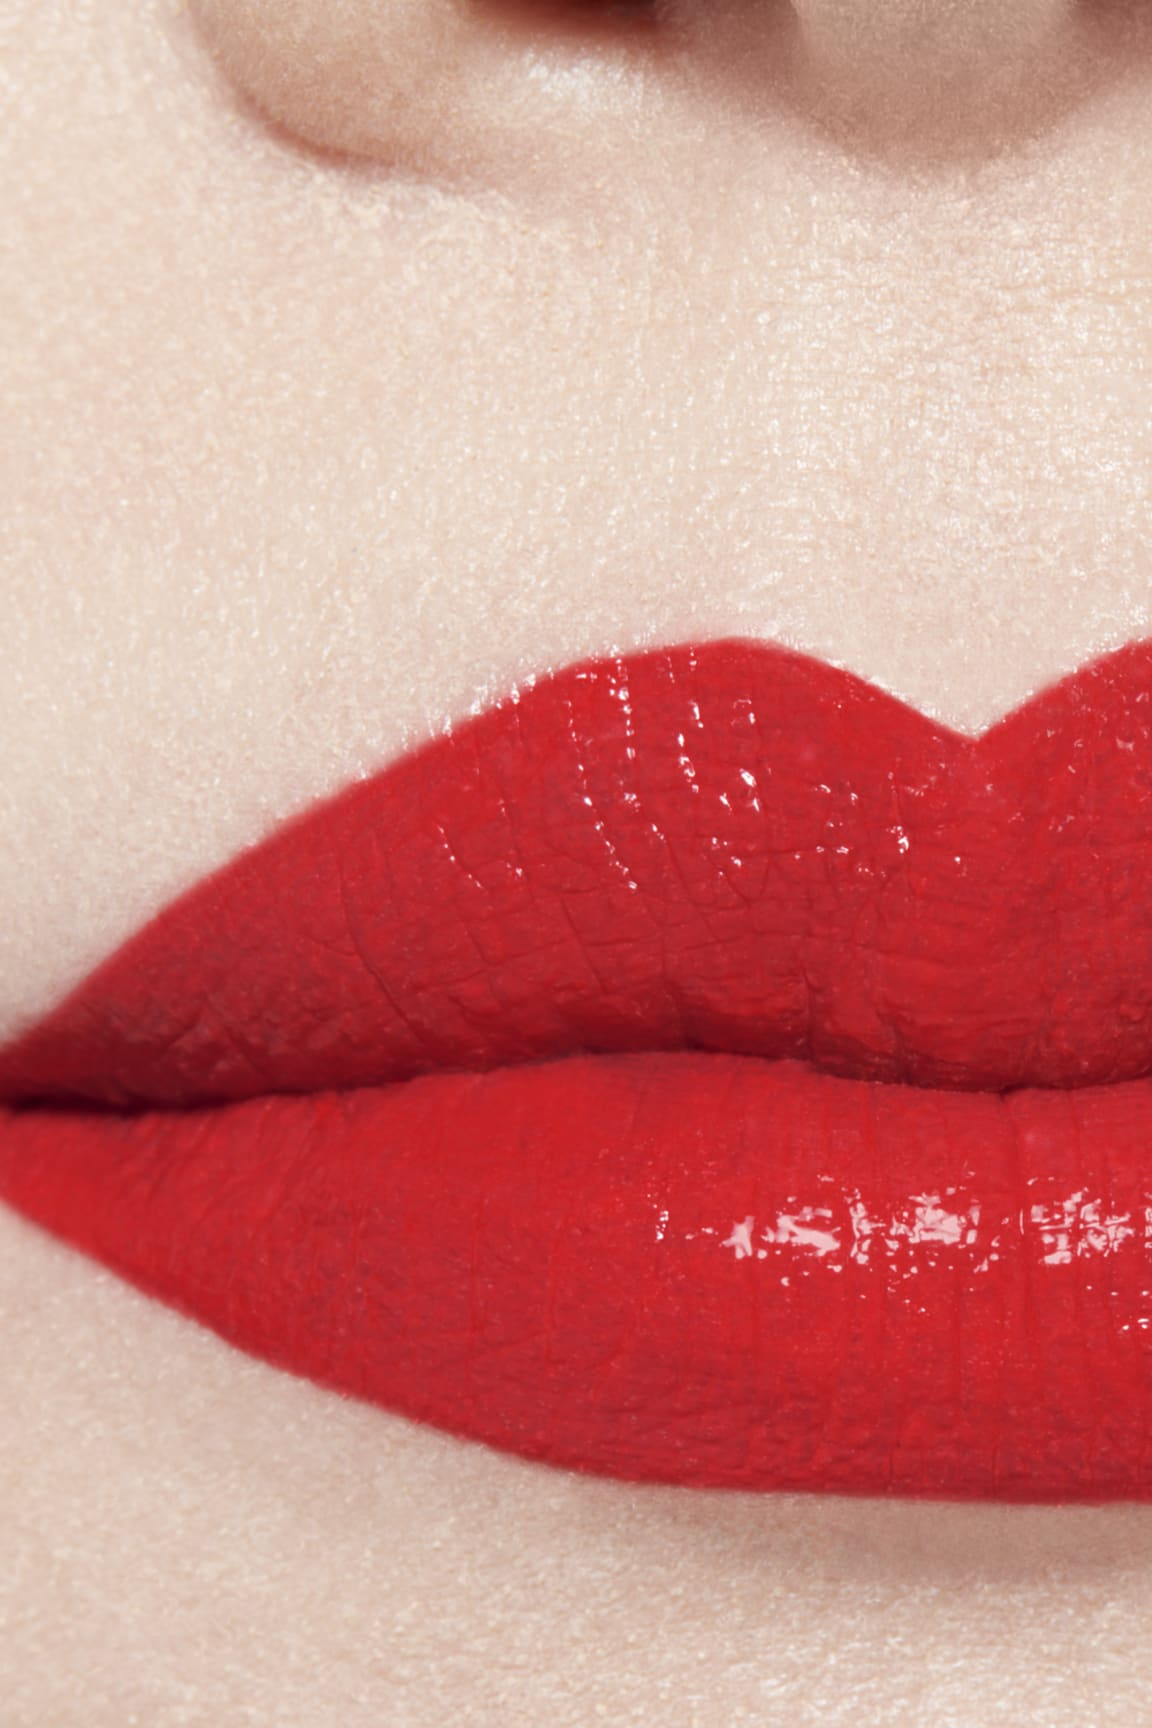 Imagen aplicación de maquillaje 1 - ROUGE ALLURE LAQUE 68 - UNLIMITED